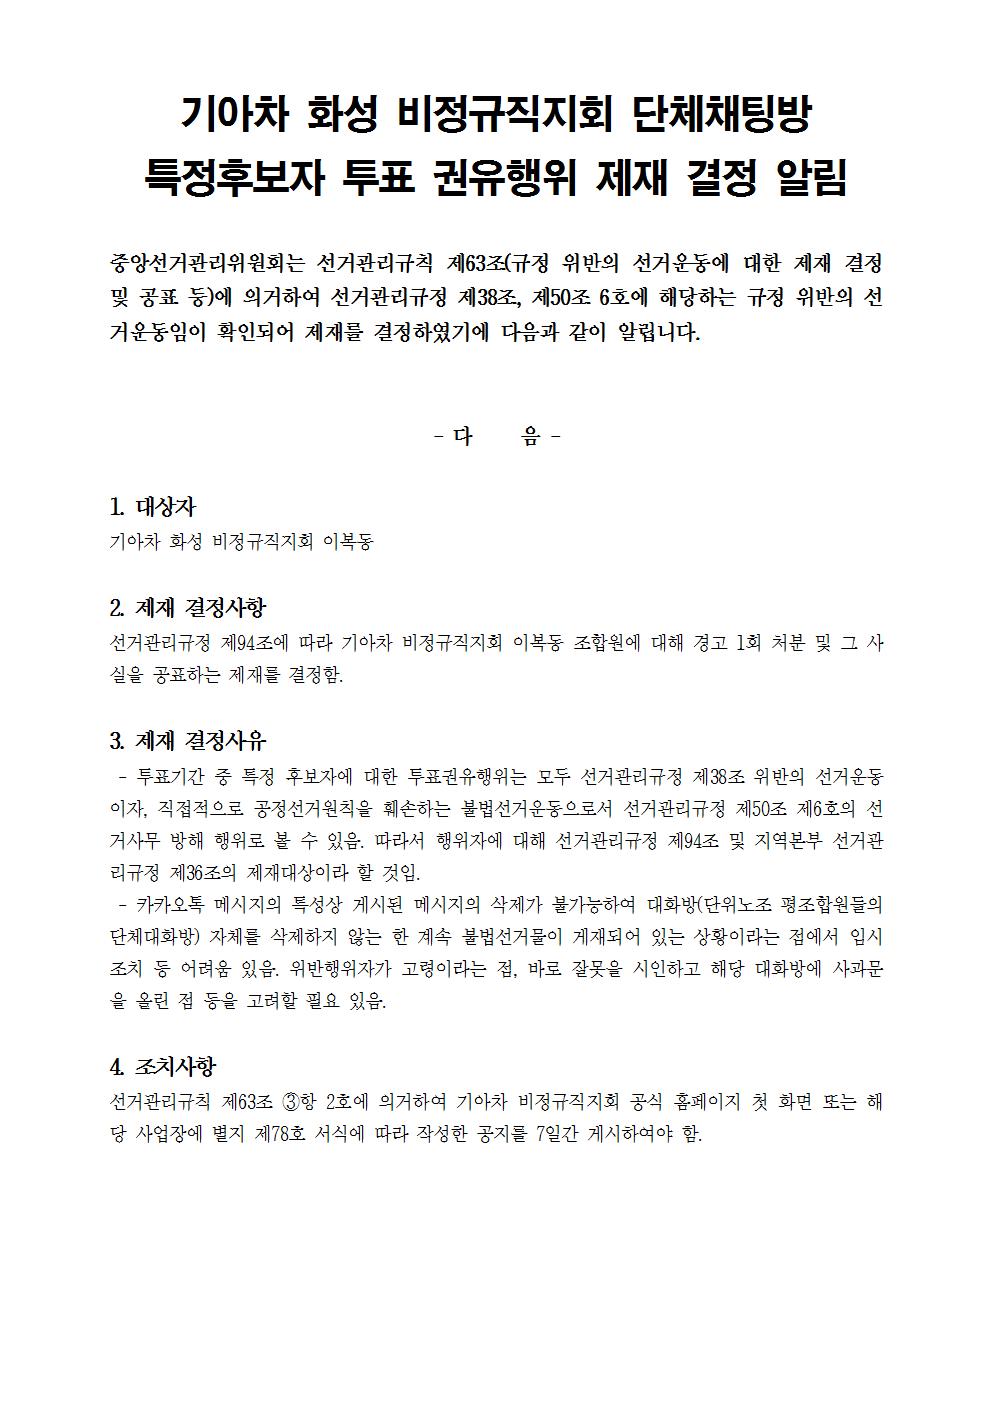 기아차 화성 비정규직지회 단체채팅방 특정후보자 투표 권유행위 제재 결정 알림001.png